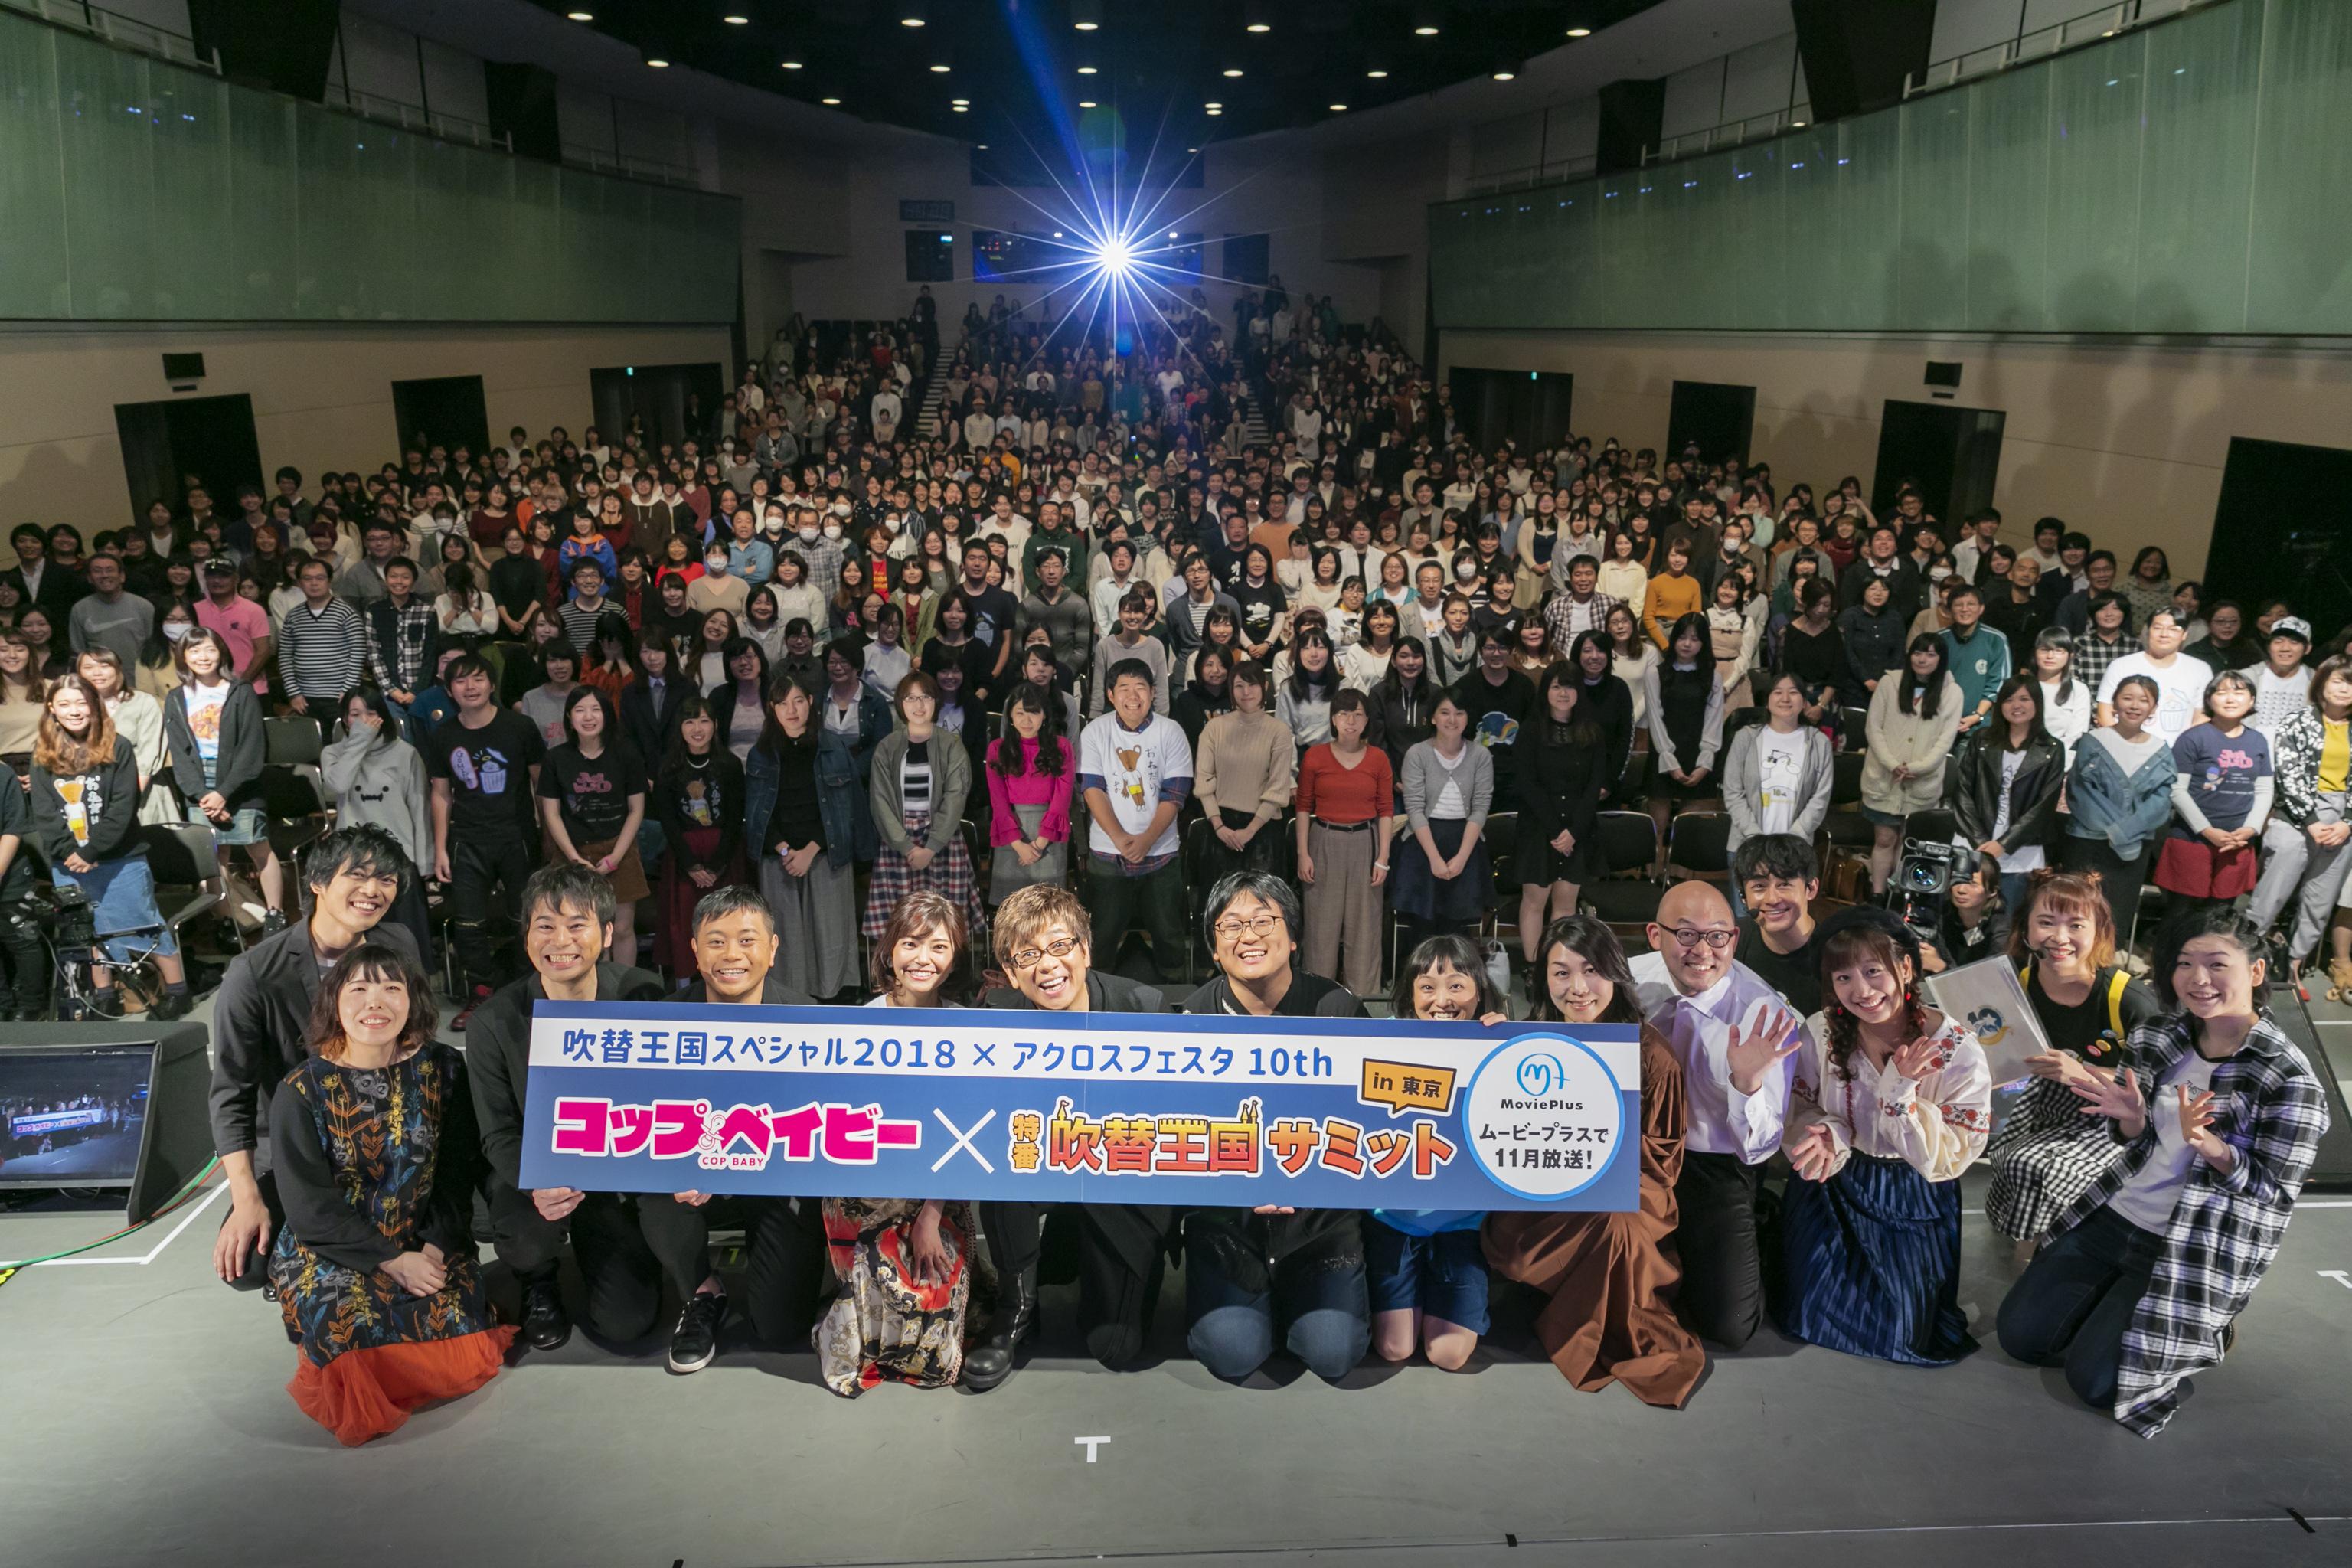 山寺宏一ら出演の「吹替王国サミット in アクロスフェスタ2018」イベントレポート